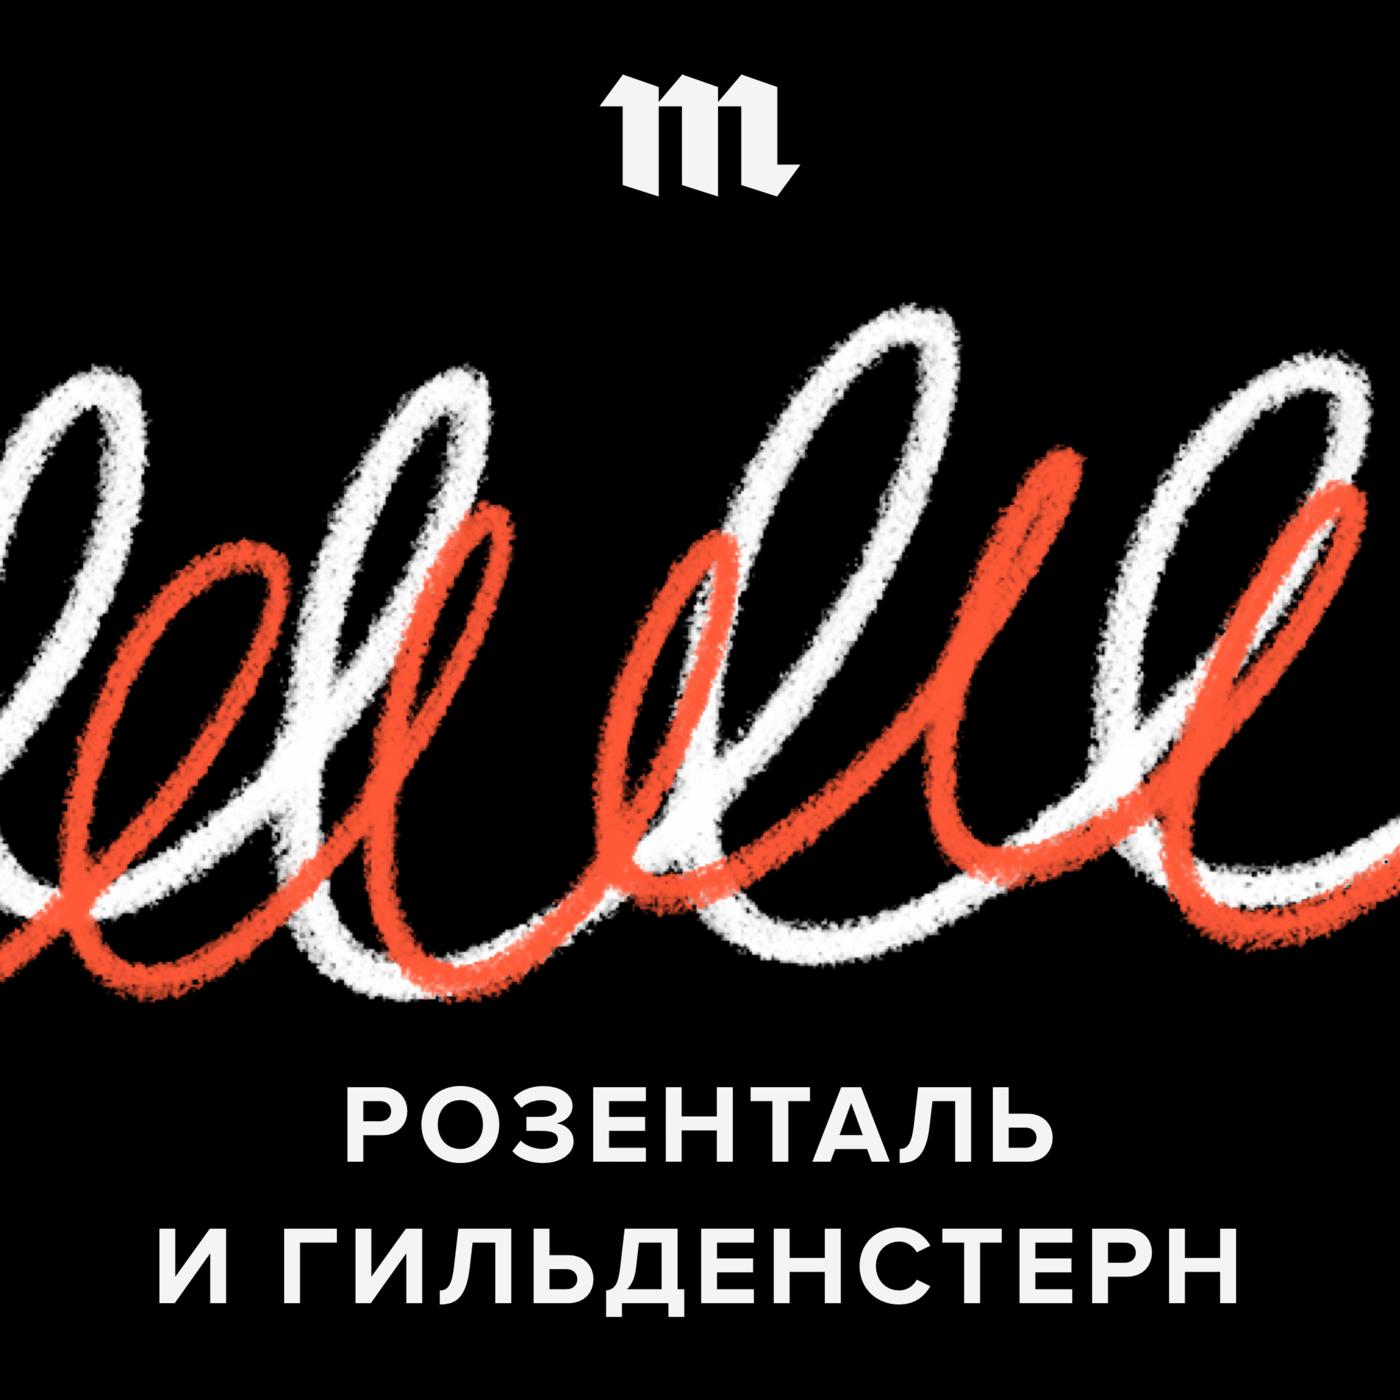 Владимир Пахомов (Не) писать как Толстой. Как предложения стали короче, заголовки в СМИ длиннее, а тире победило двоеточие